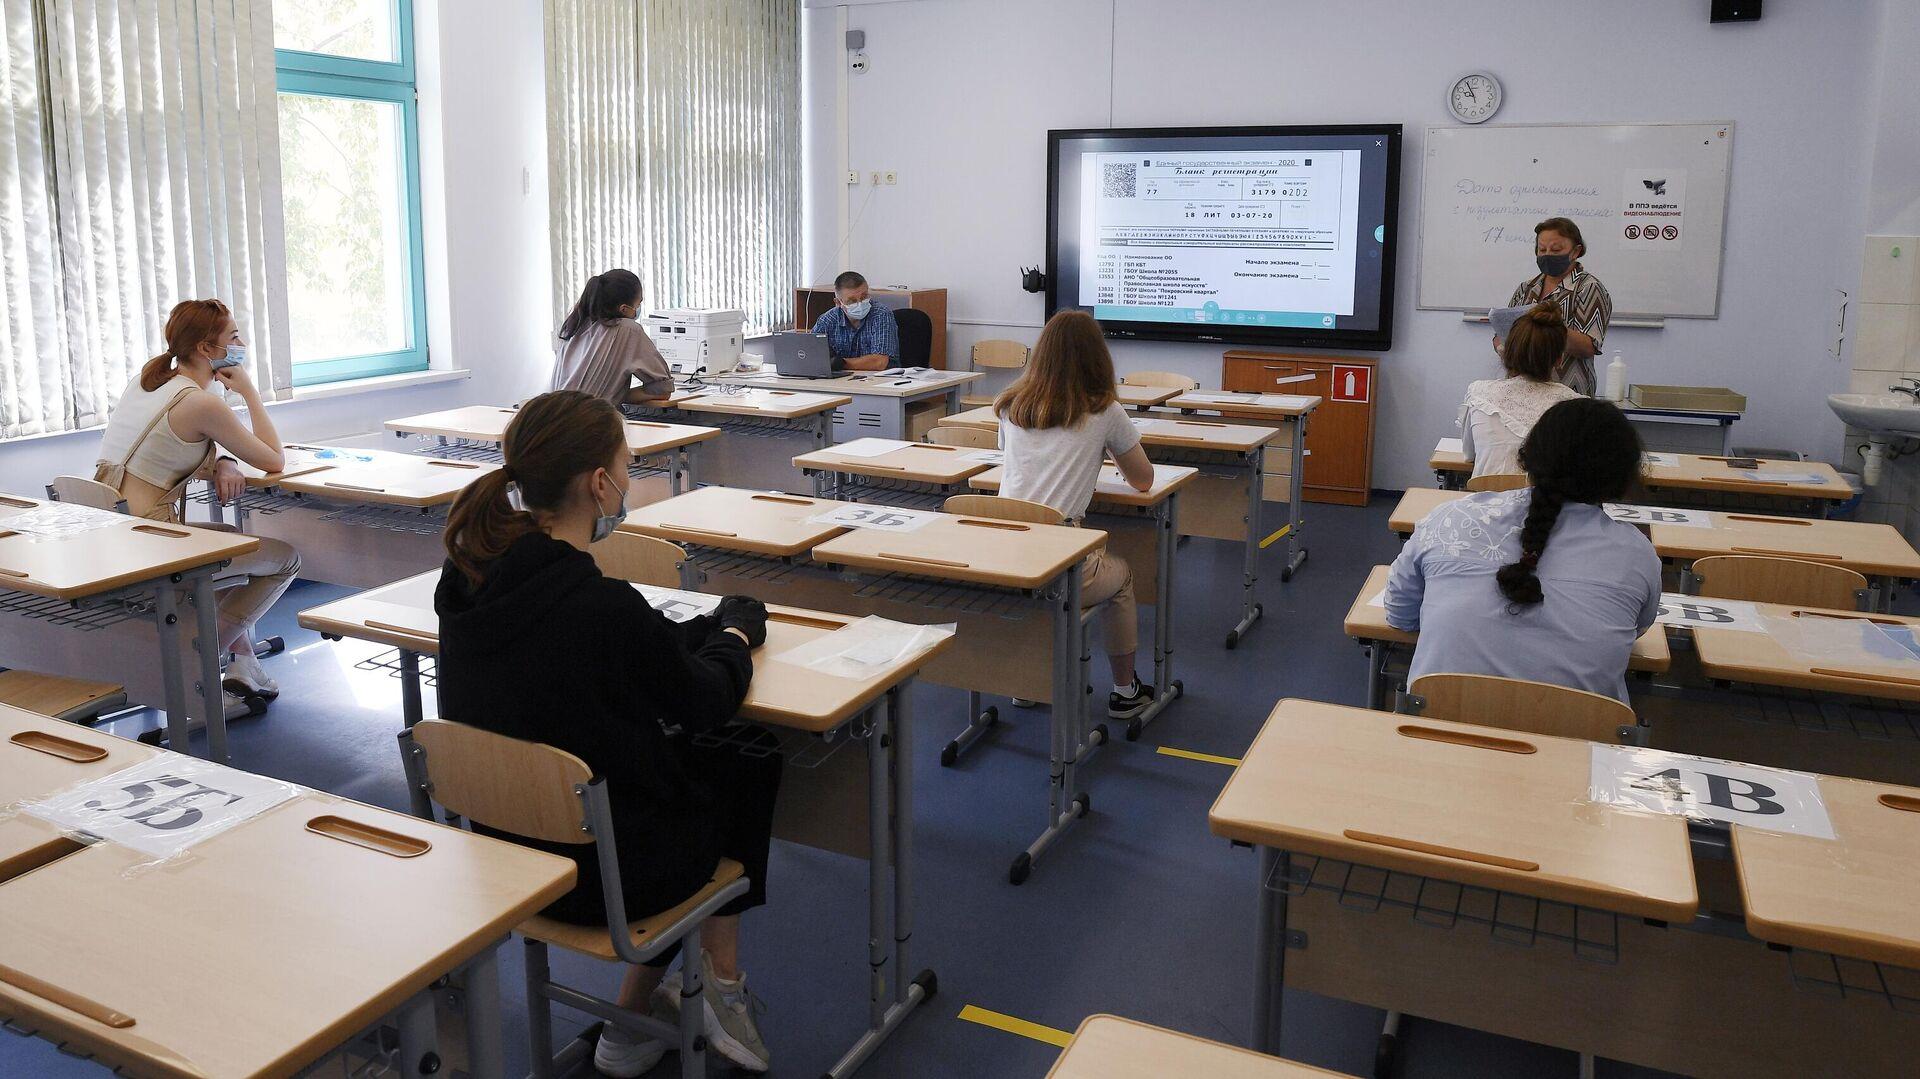 Ученики школы №2030 проходят инструктаж перед началом сдачи единого государственного экзамена по литературе - РИА Новости, 1920, 22.04.2021